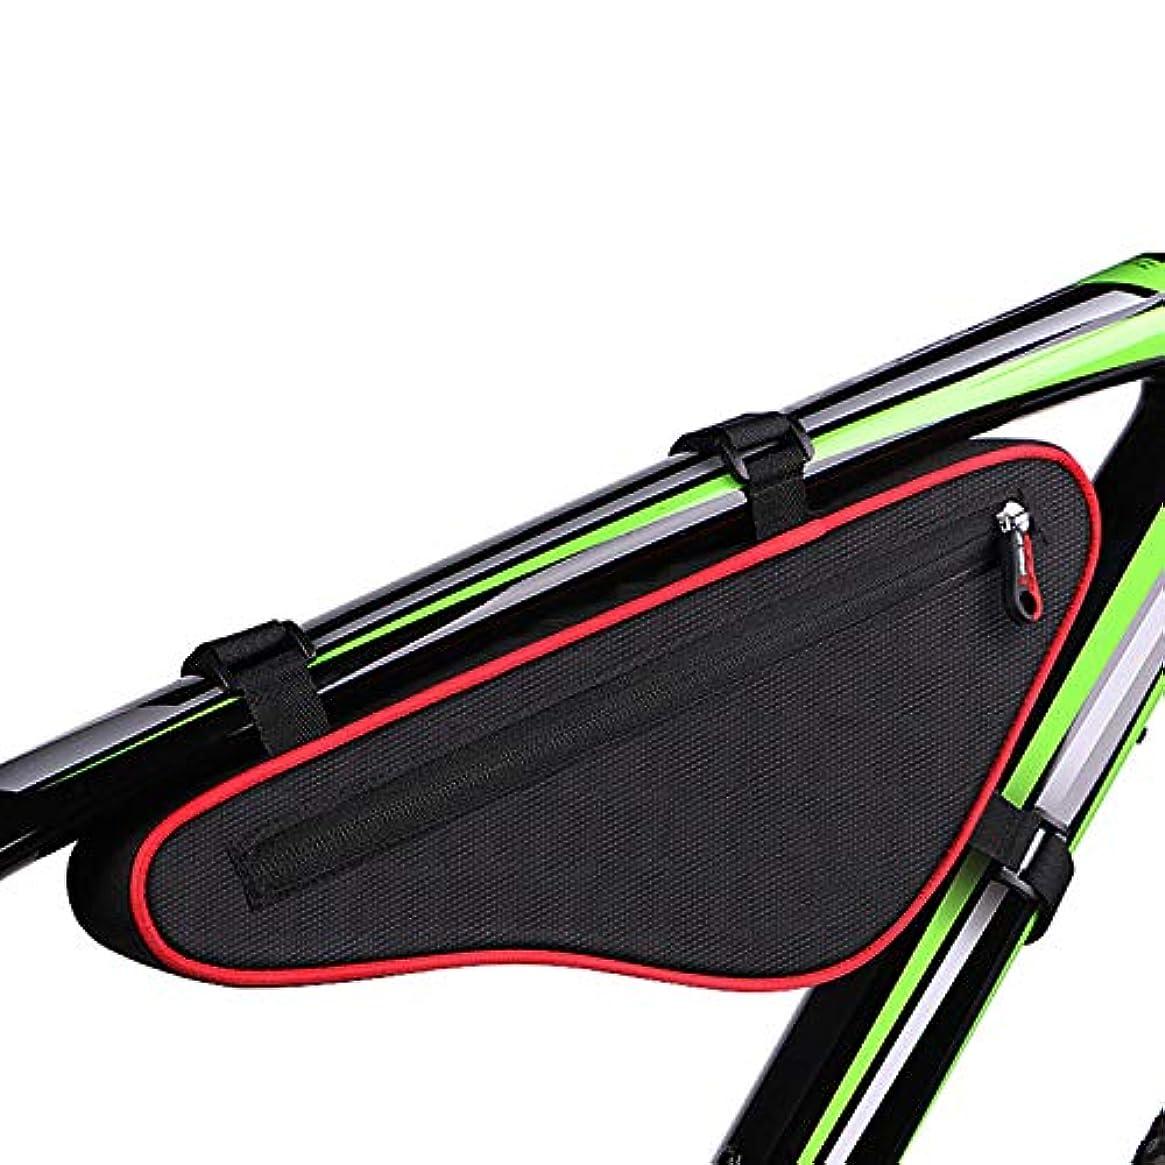 幻想酔ったテーブル自転車収納バッグ、三角ビーンバッグ、サイクリング用品、自転車用マウンテンバイク、ロードバイク